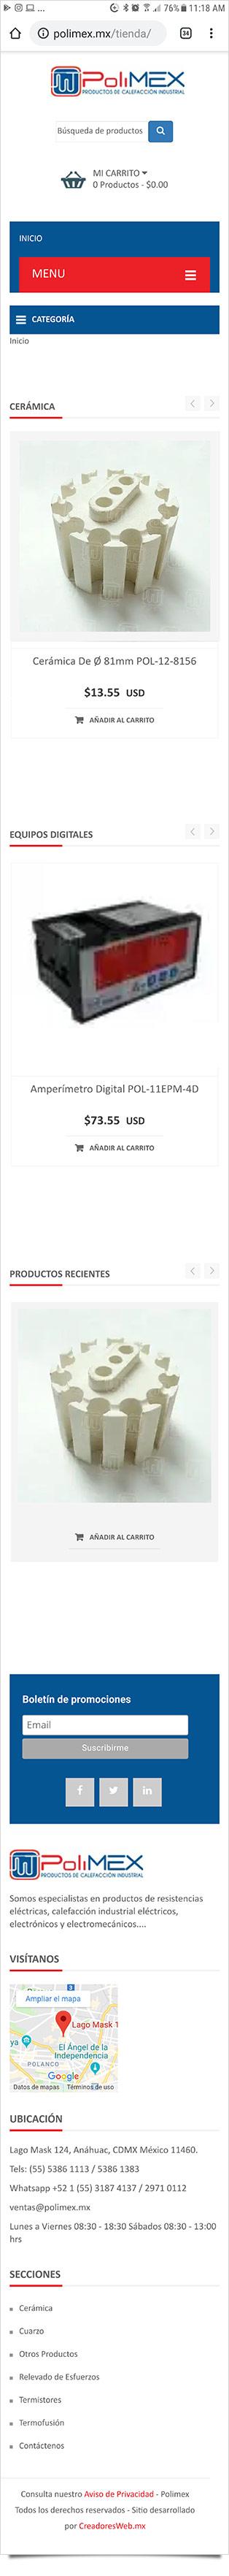 Polimex Tienda en línea - Diseño de Páginas Web - CreadoresWeb.mx